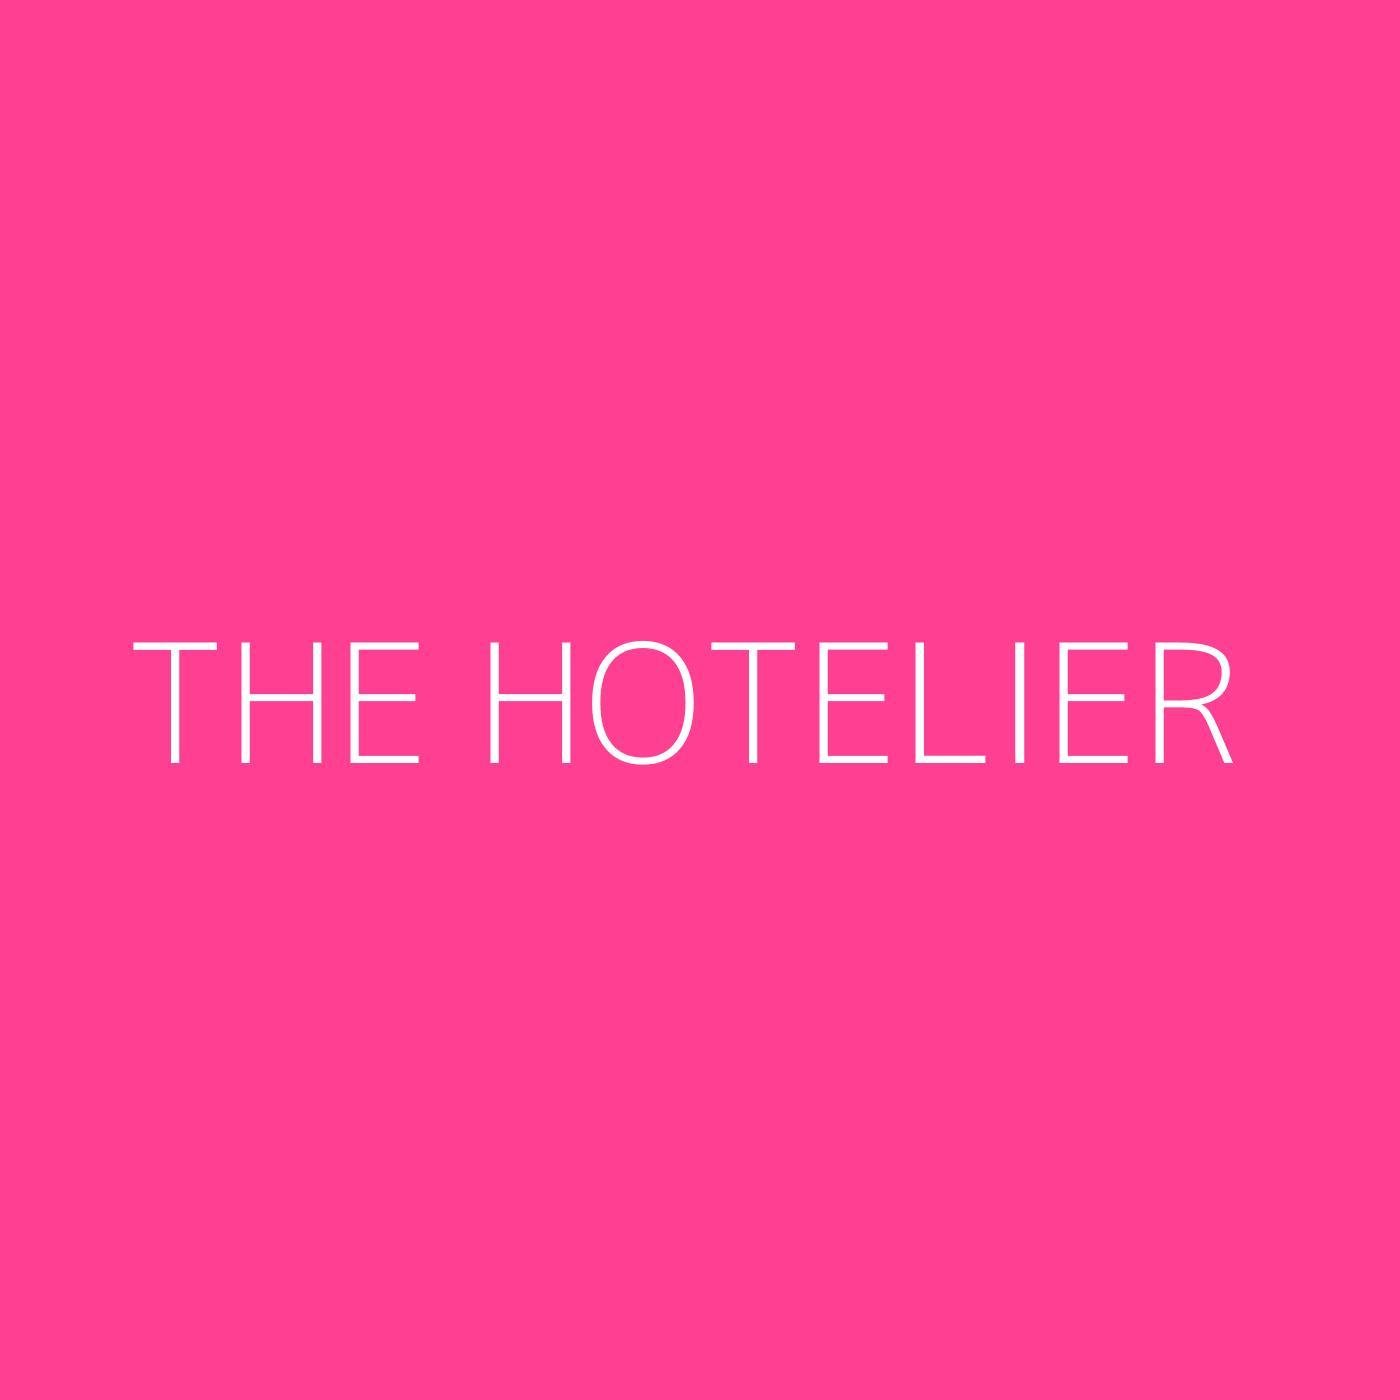 The Hotelier Playlist Artwork